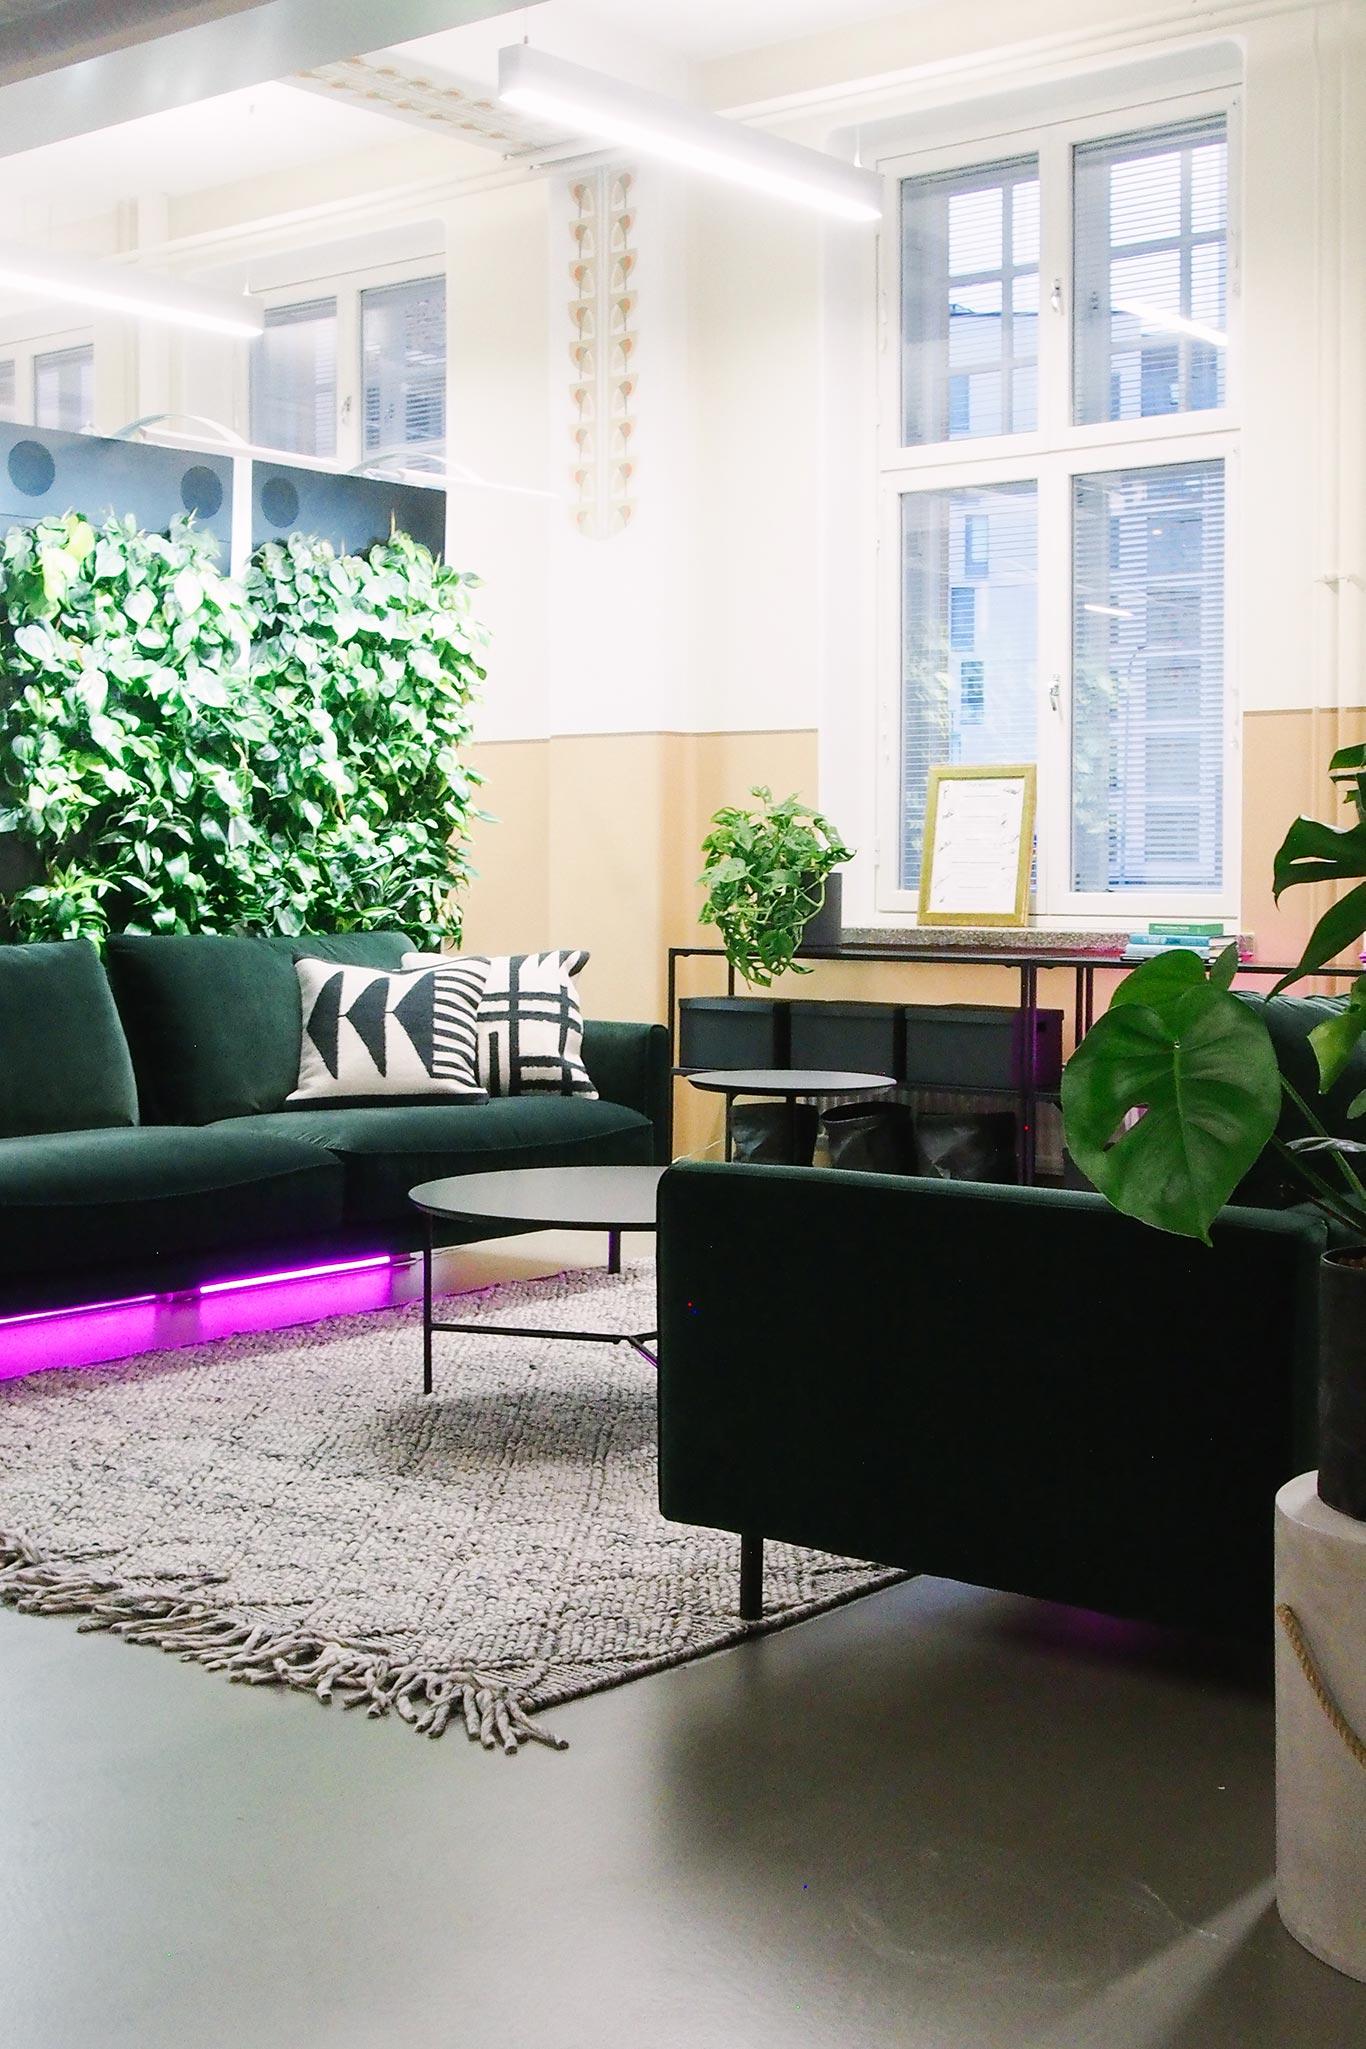 Brella_sisustusarkkitehti_Helsinki1